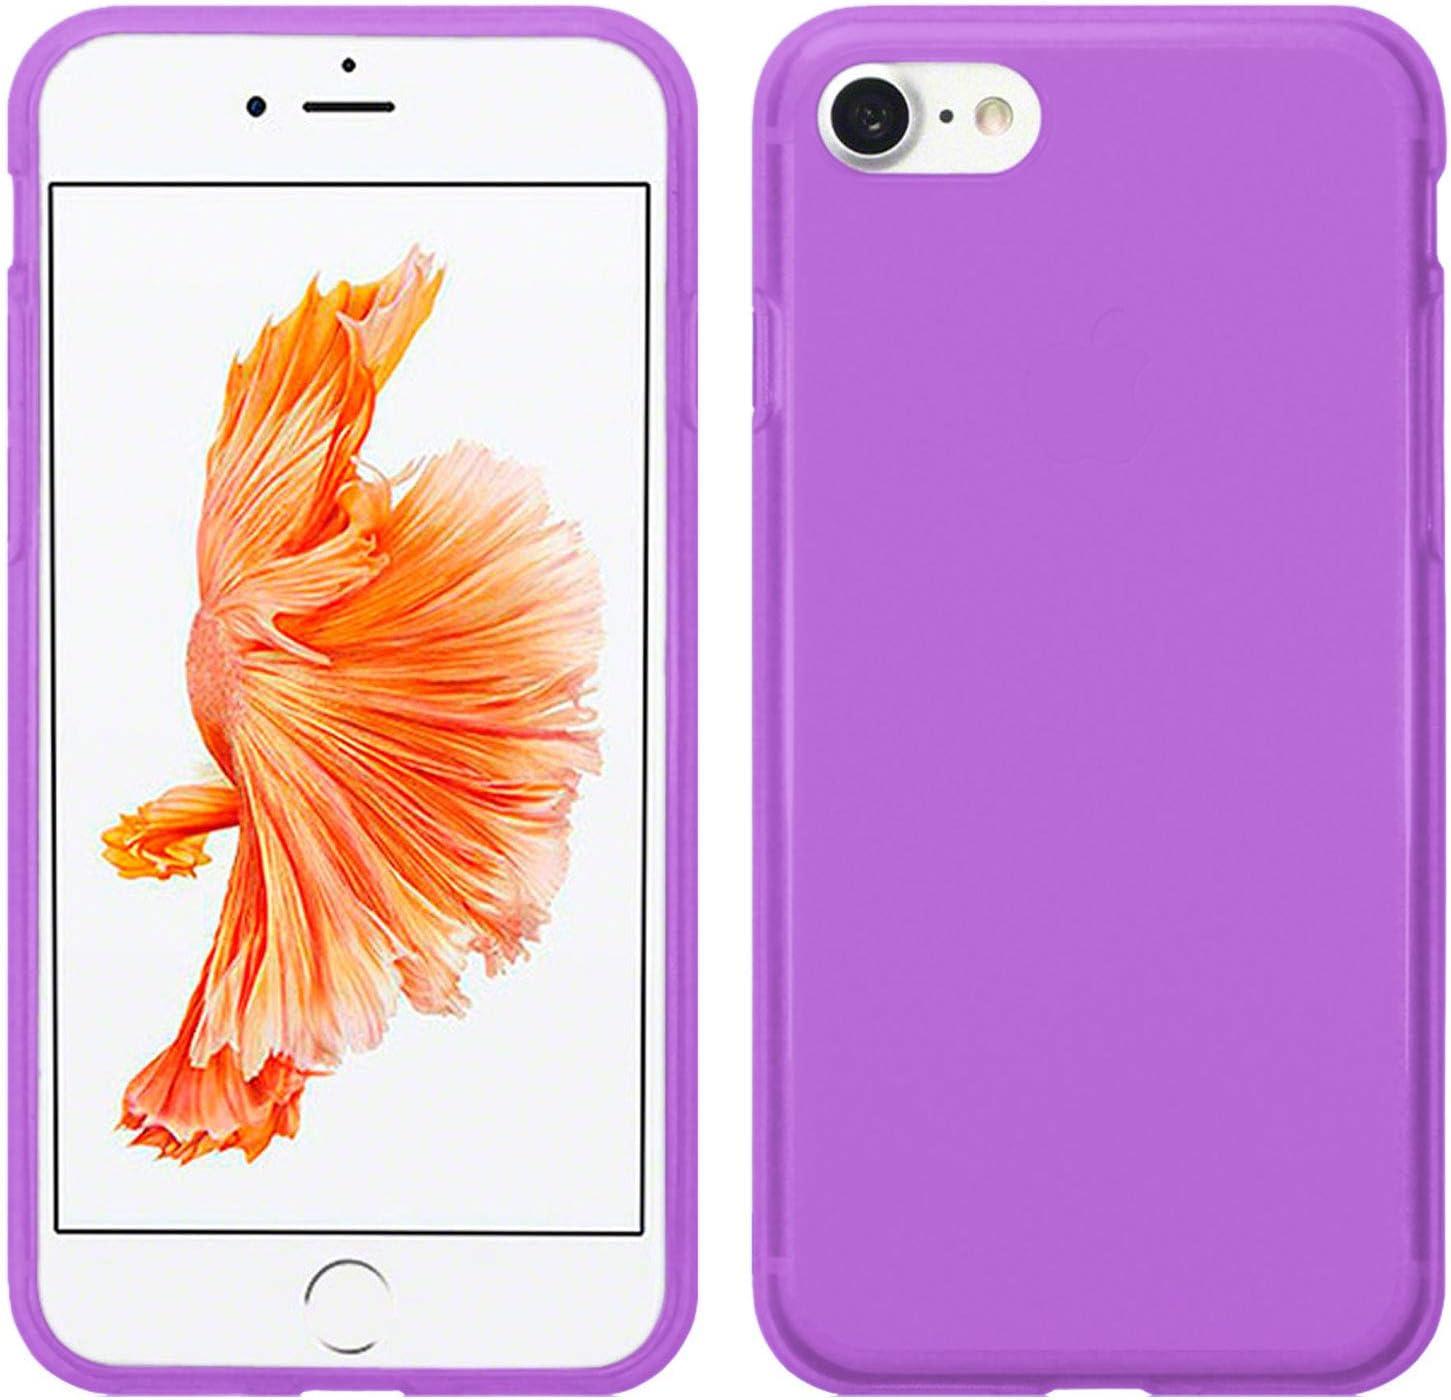 Silicona Ultrafina y Flexible Protector Resistente a Golpes Ca/ídas y Ara/ñazos Protector Pantalla Vidrio Templado para iPhone 7 TBOC Pack: Funda de Gel TPU Morada iPhone 8 4.7 Pulgadas